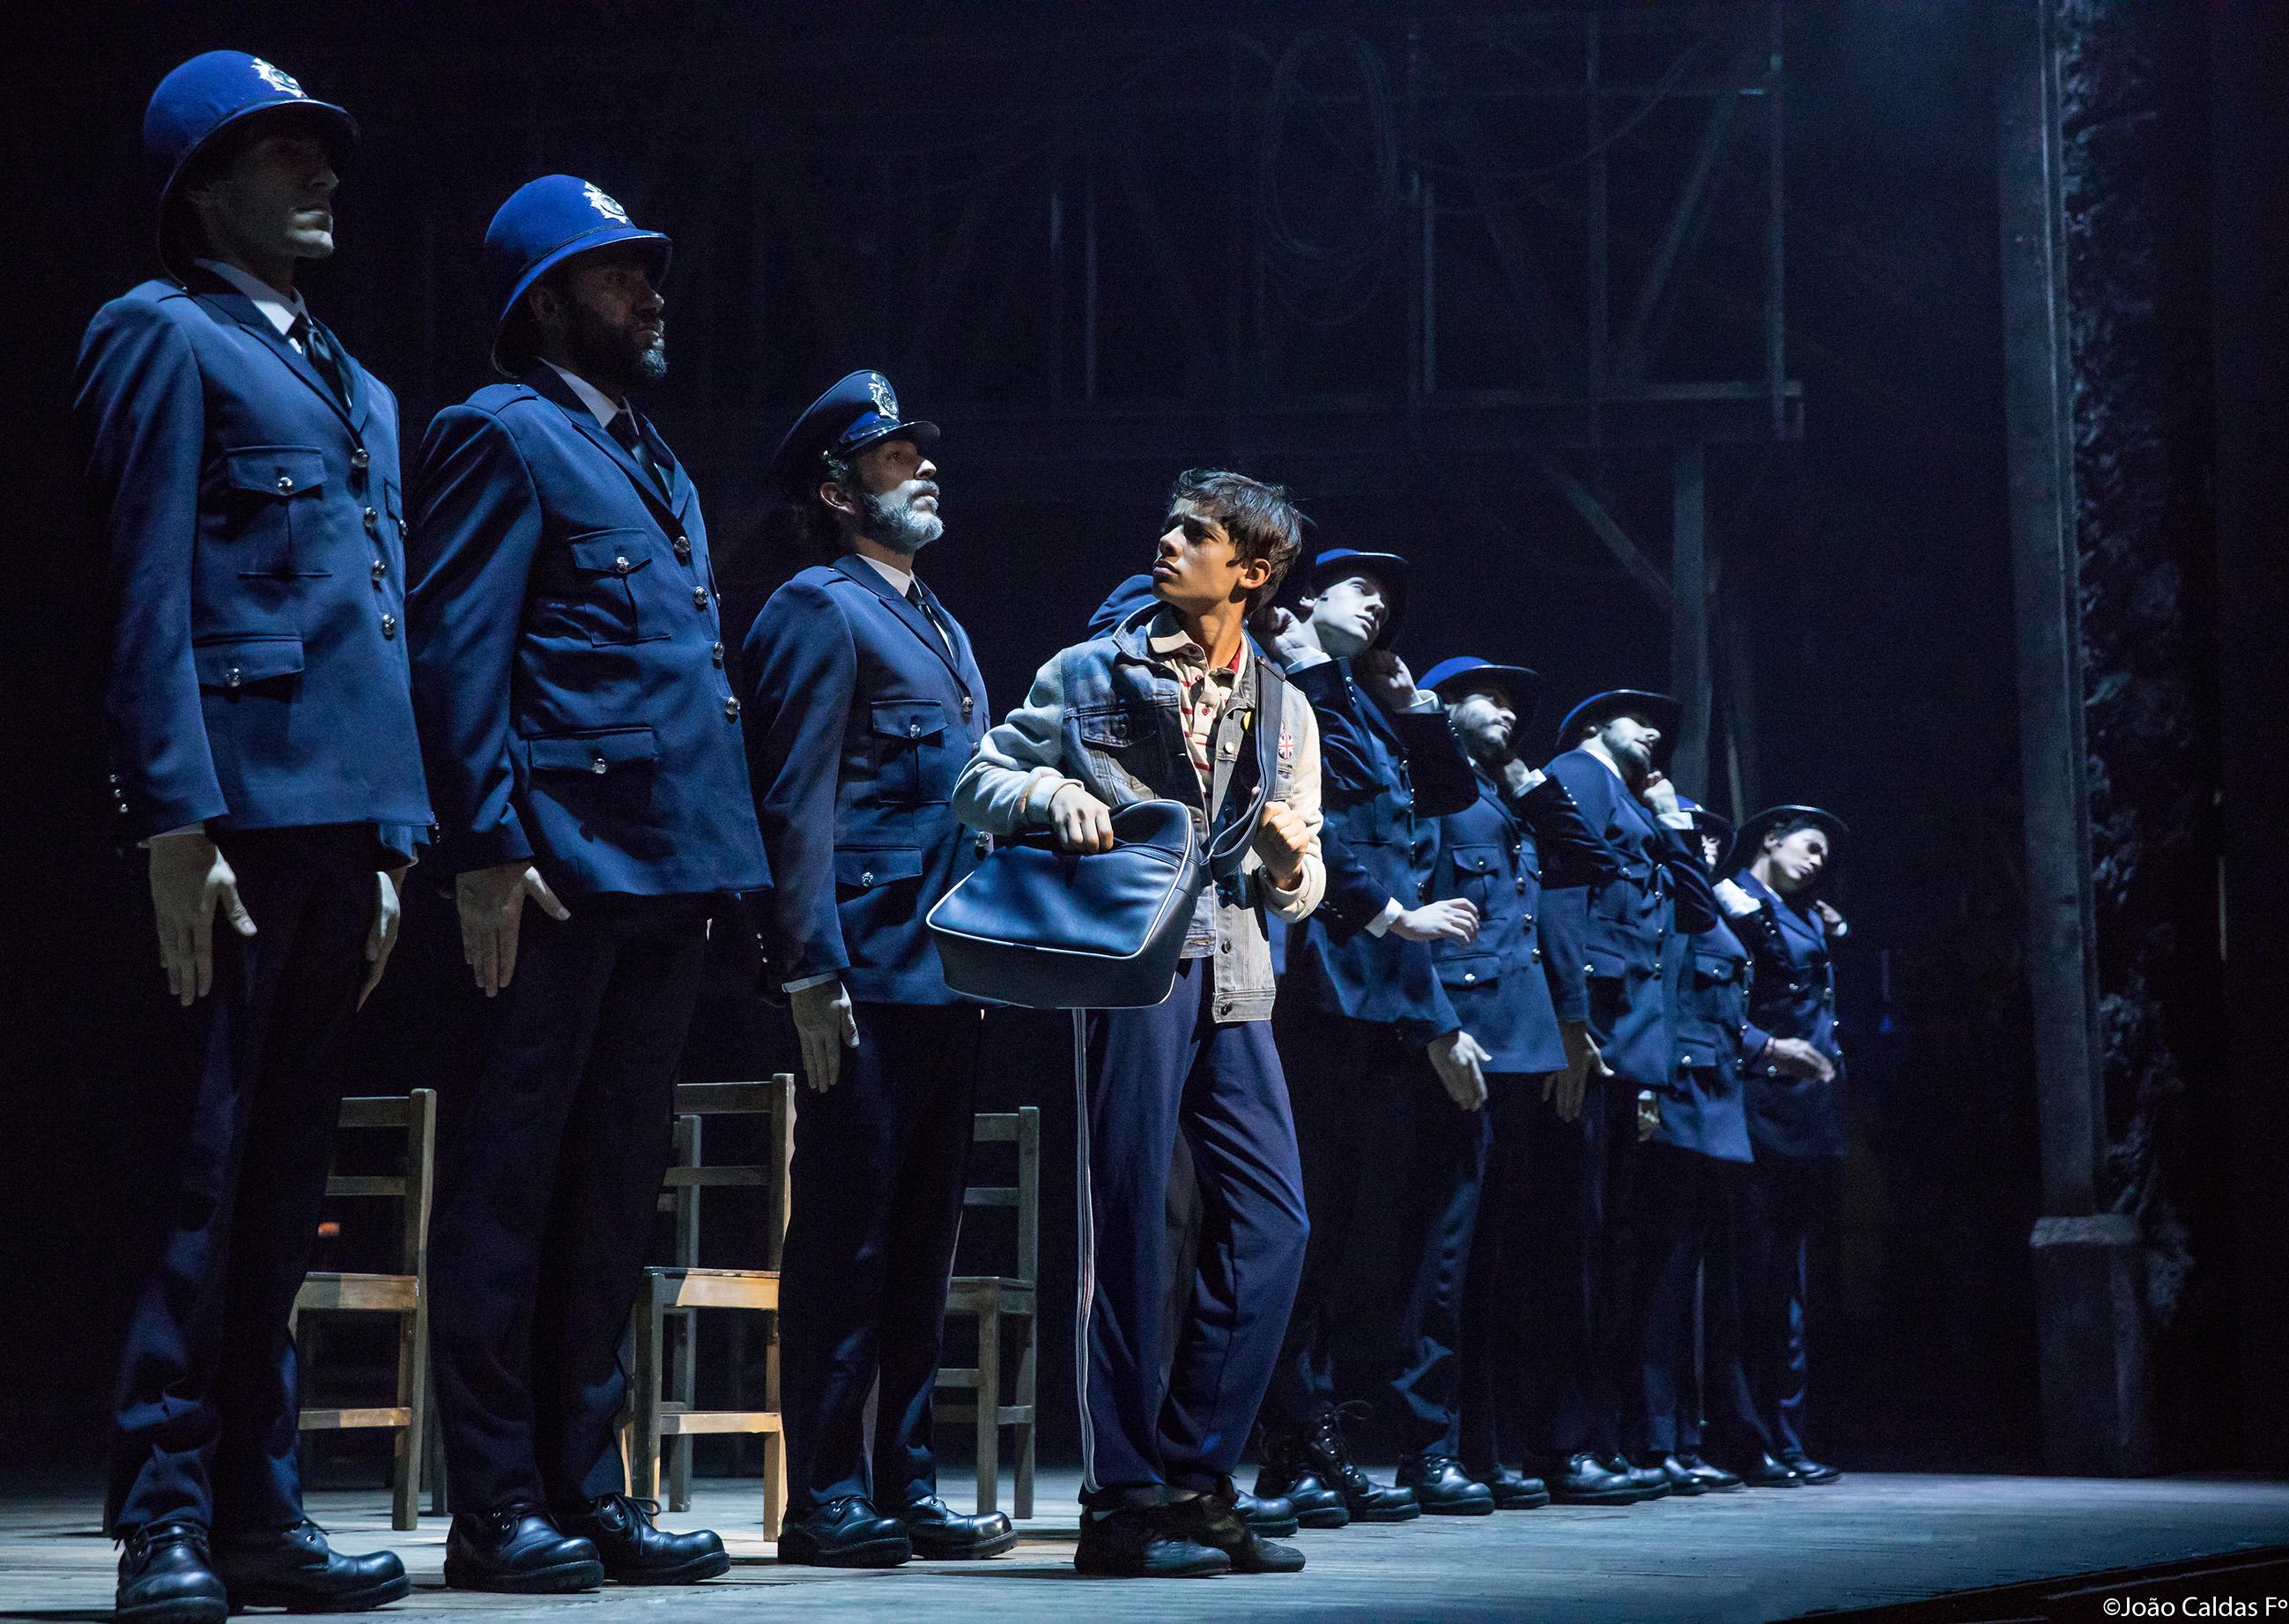 """Com ajuda do diretor, elenco de Billy encontrou a """"revolta"""" necessária para o musical © Joao Caldas Fº"""